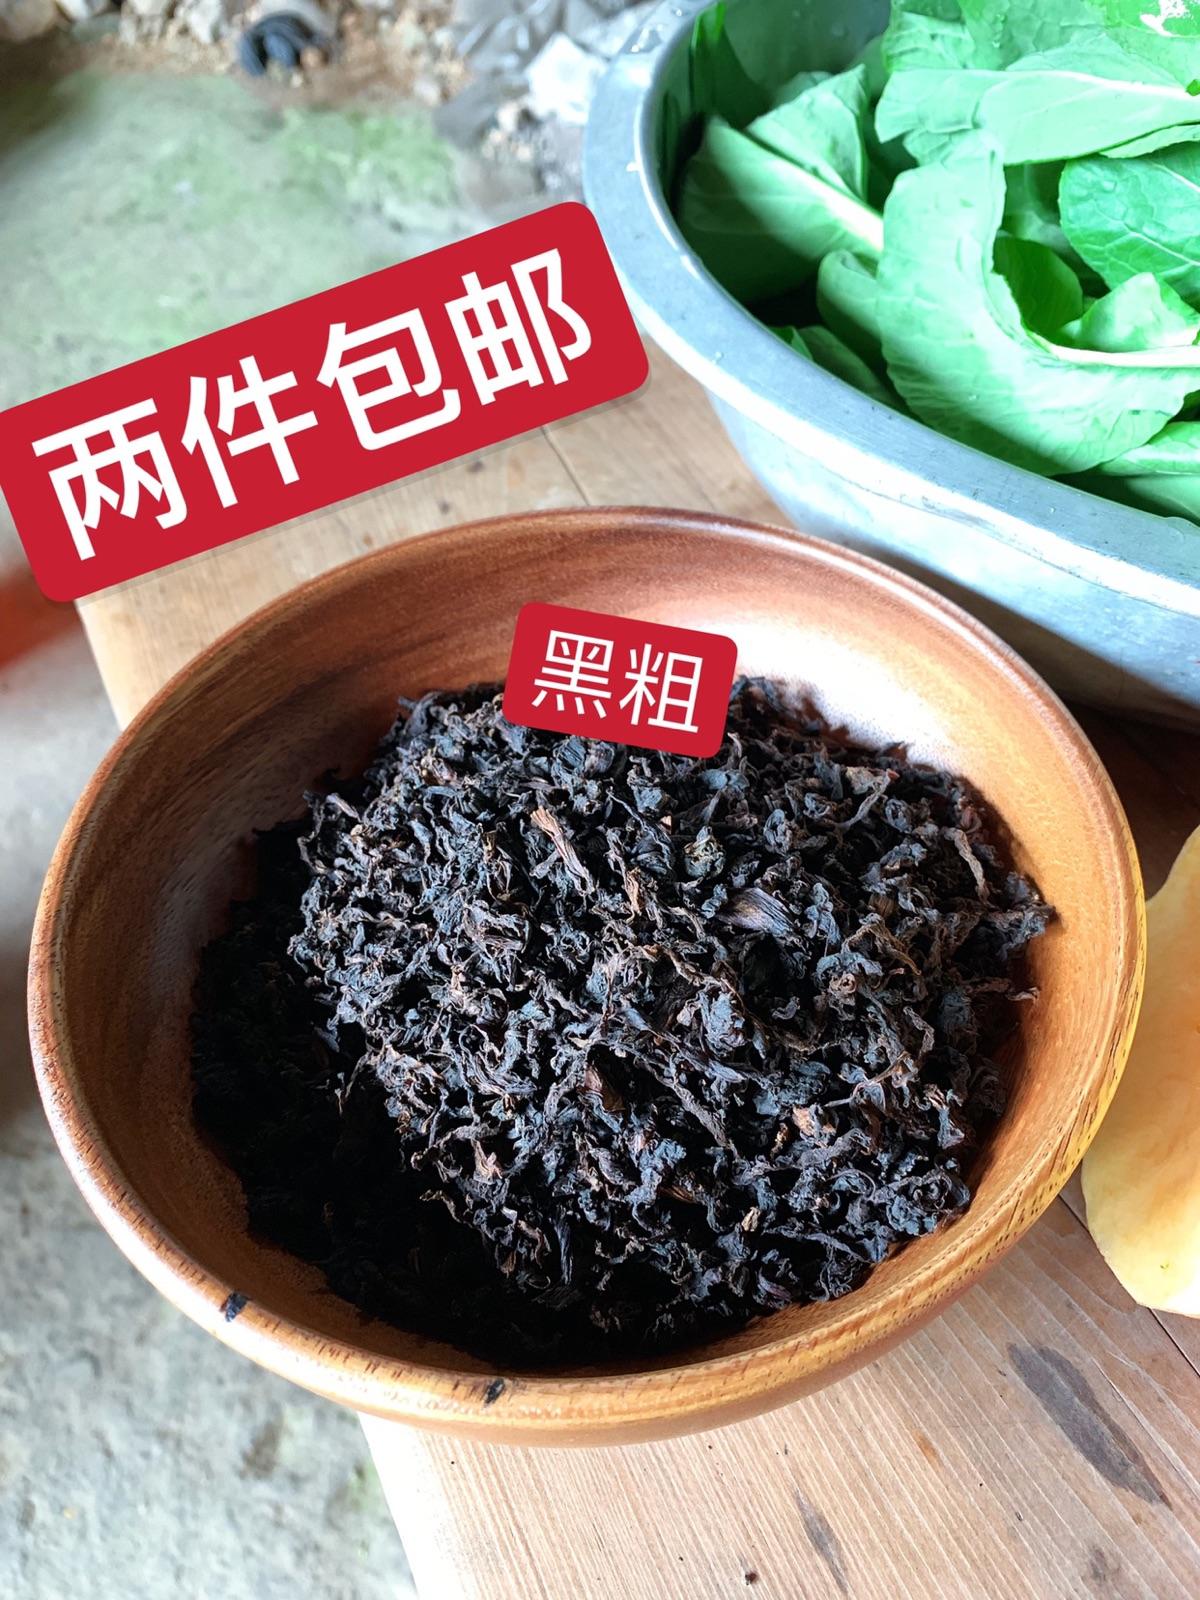 【古村竹夏】高山农家农民亲手晒的梅干菜新鲜嫩白菜晒制  半斤装